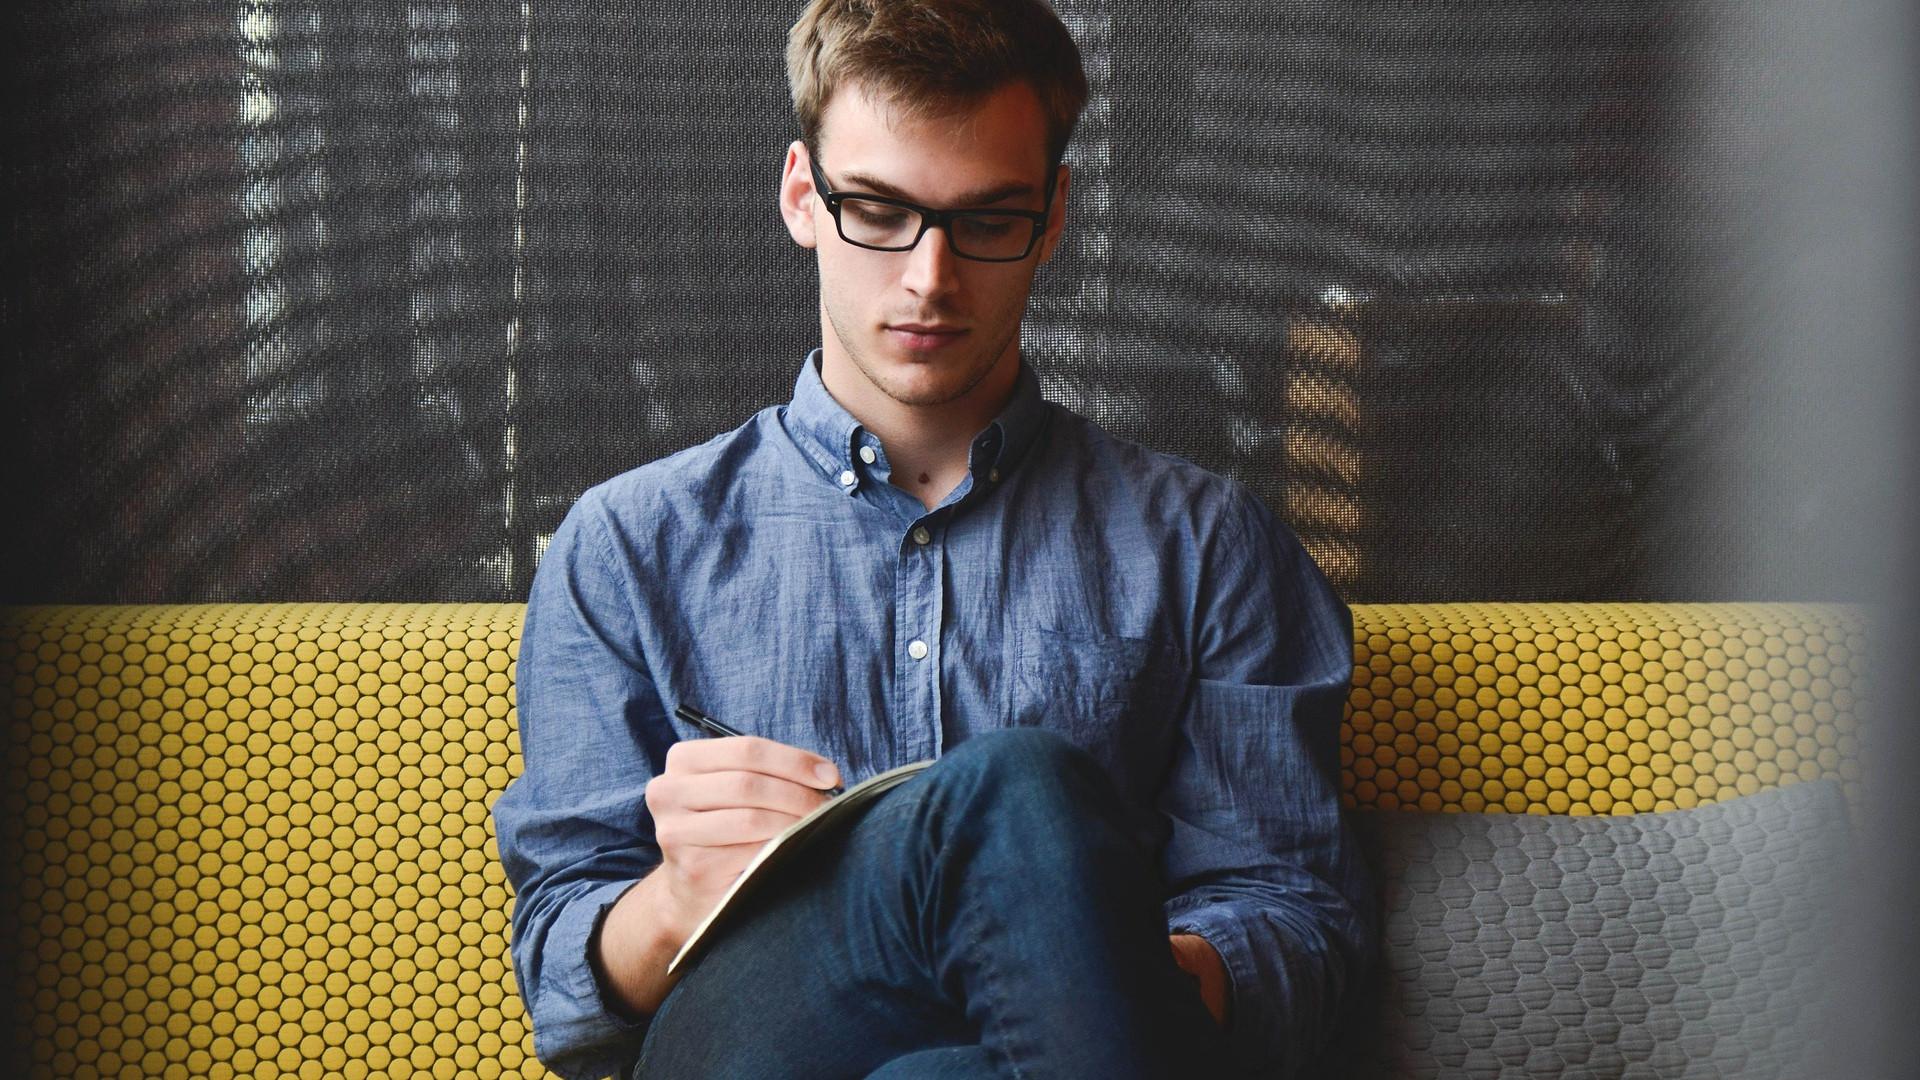 L'agenda personnalisé papier ou comment se faciliter la tâche